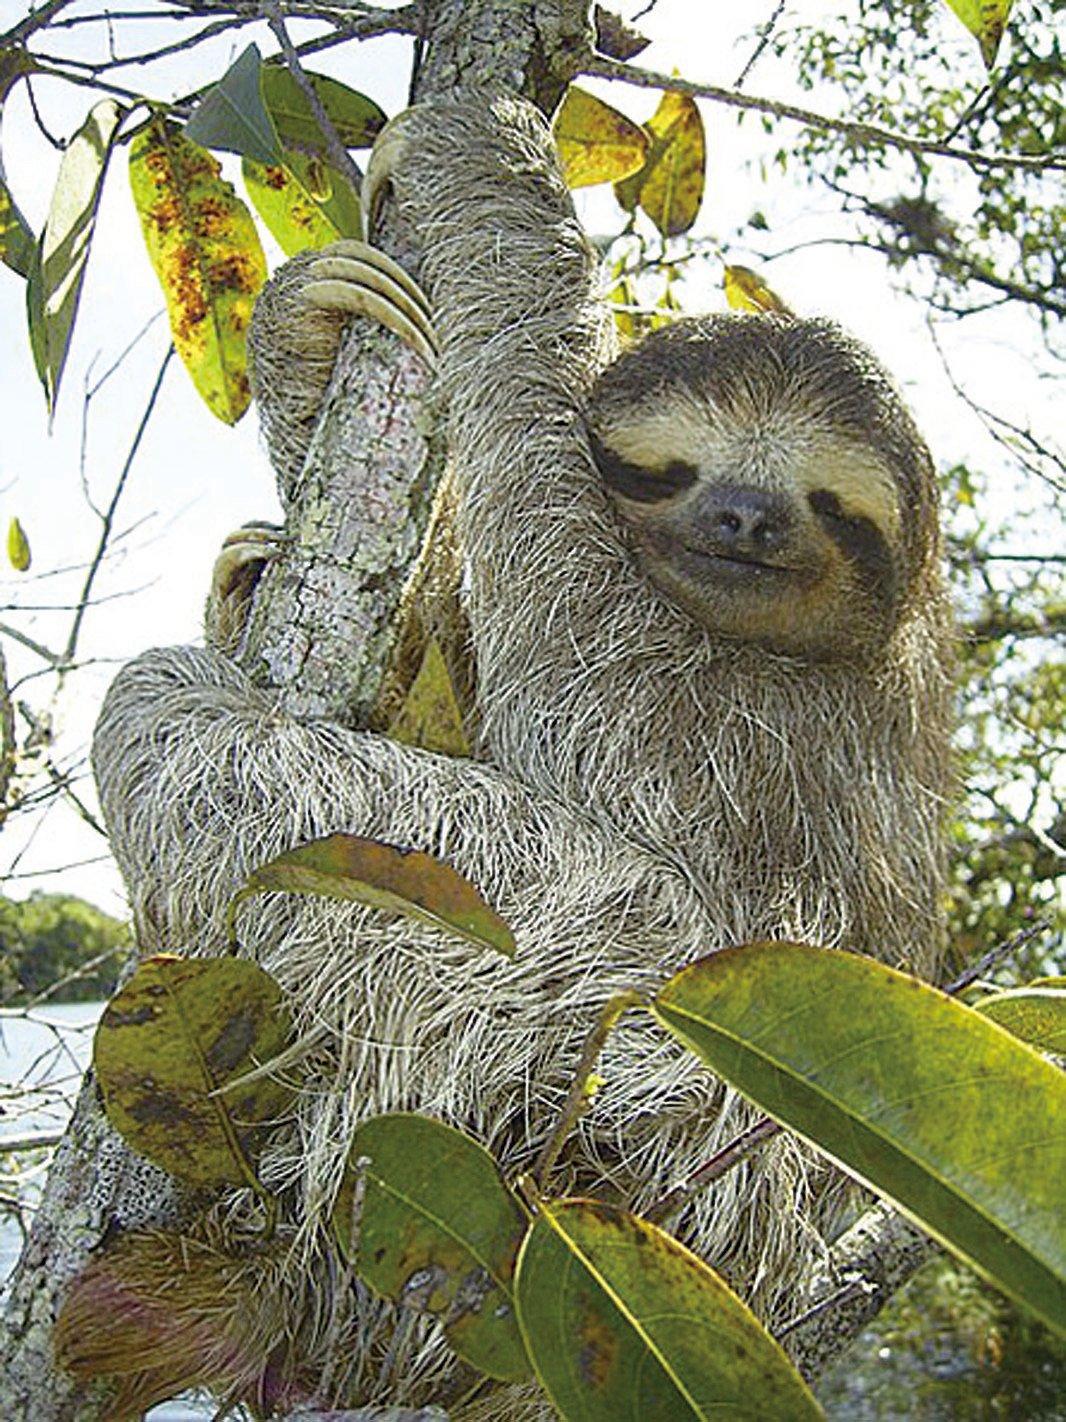 樹懶一天最多睡上18個小時,半夢半醒間的幸福表情,給人無限的好心情。(Stefan Laube/wikipedia)